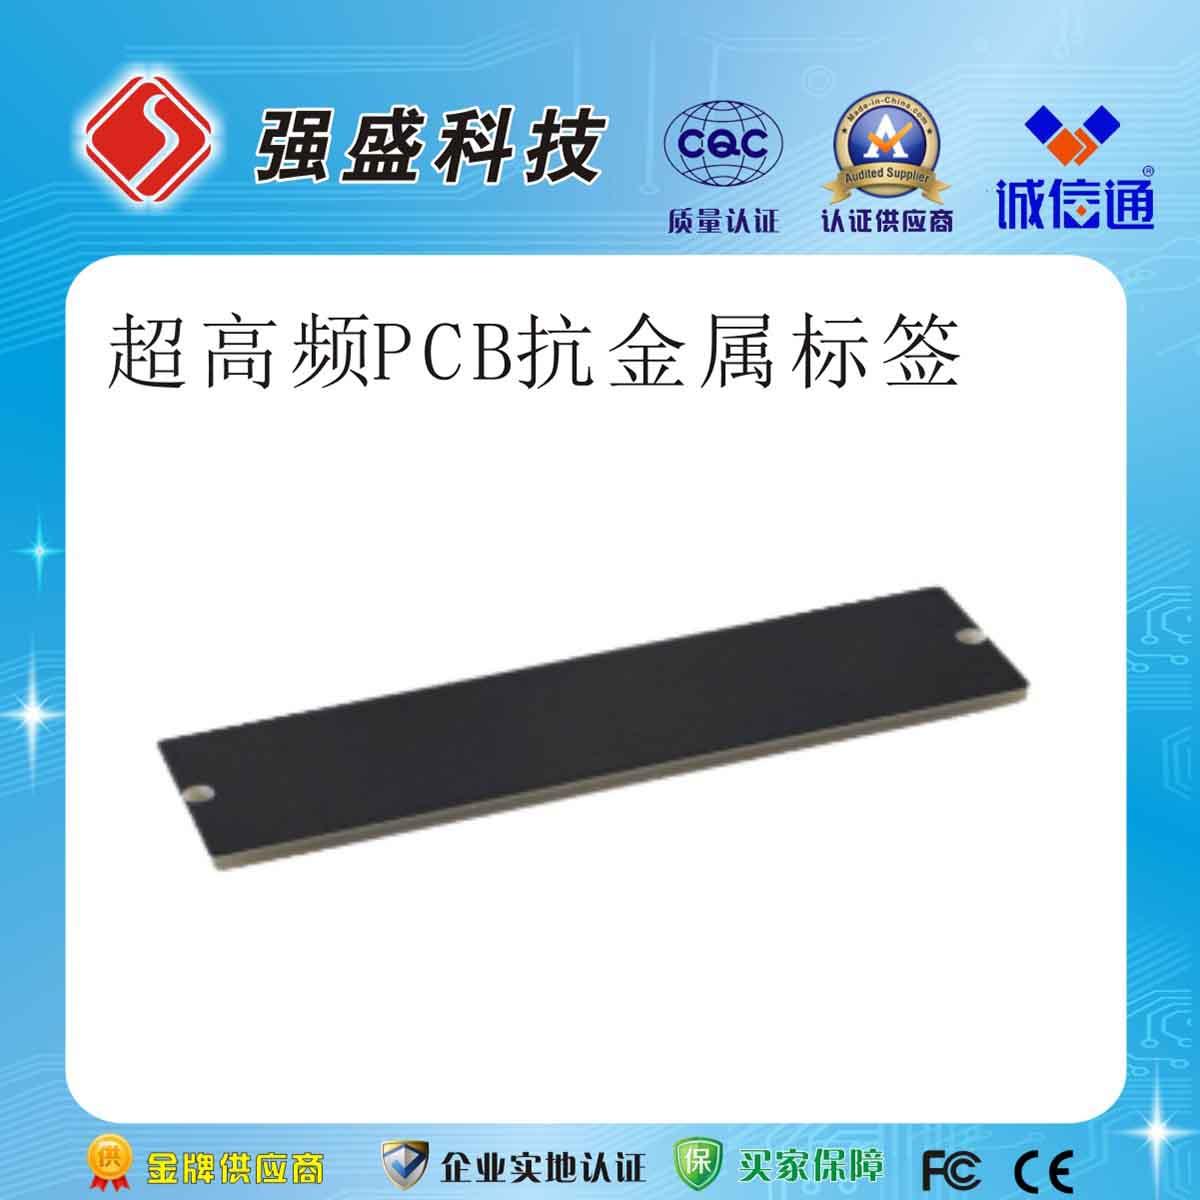 广州rfid超高频行李包裹追踪电子标签